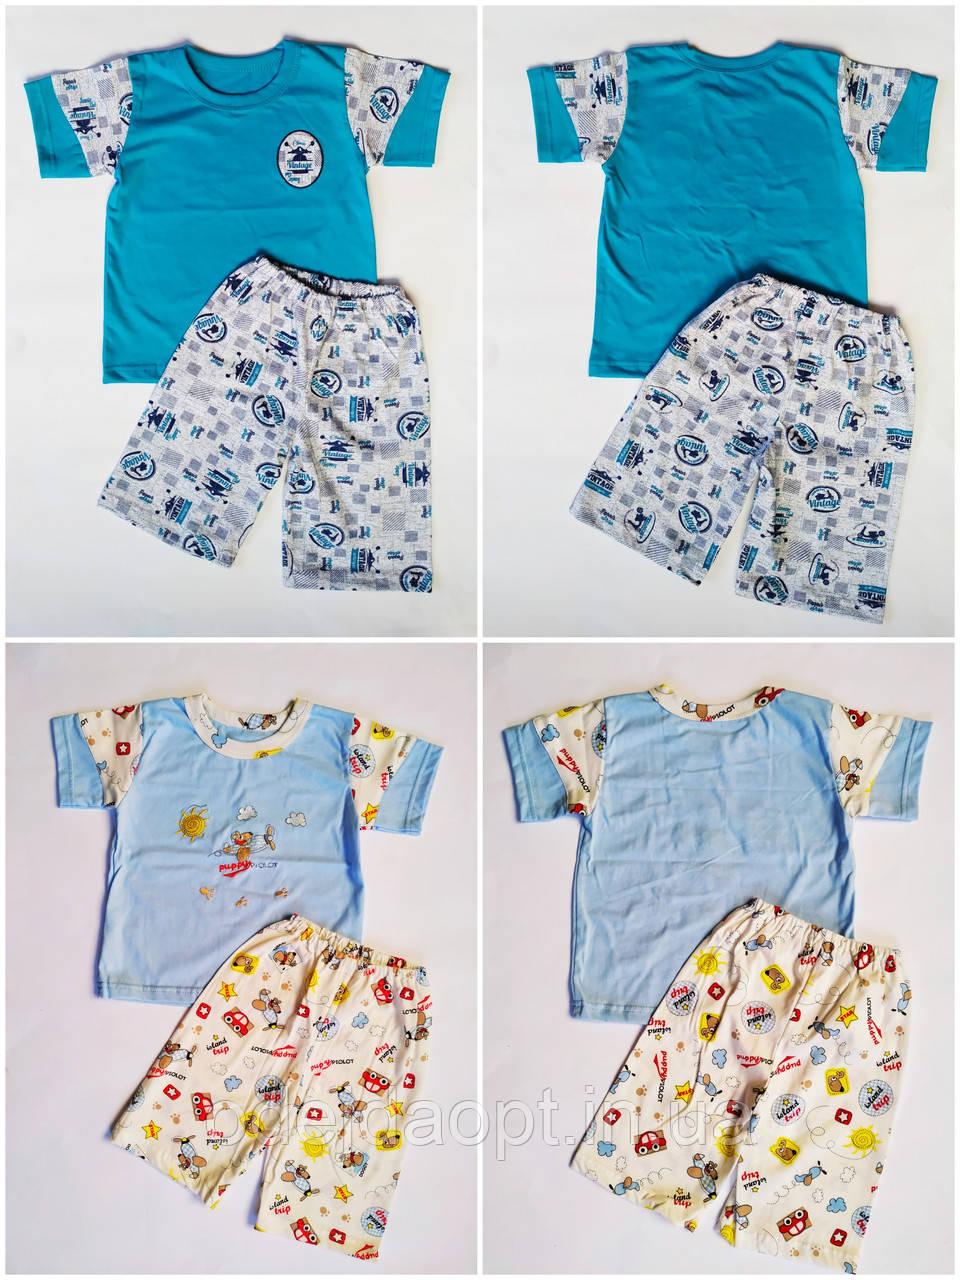 Летняя пижама для мальчика 2,3,4,5 лет (футболка и бриджи)